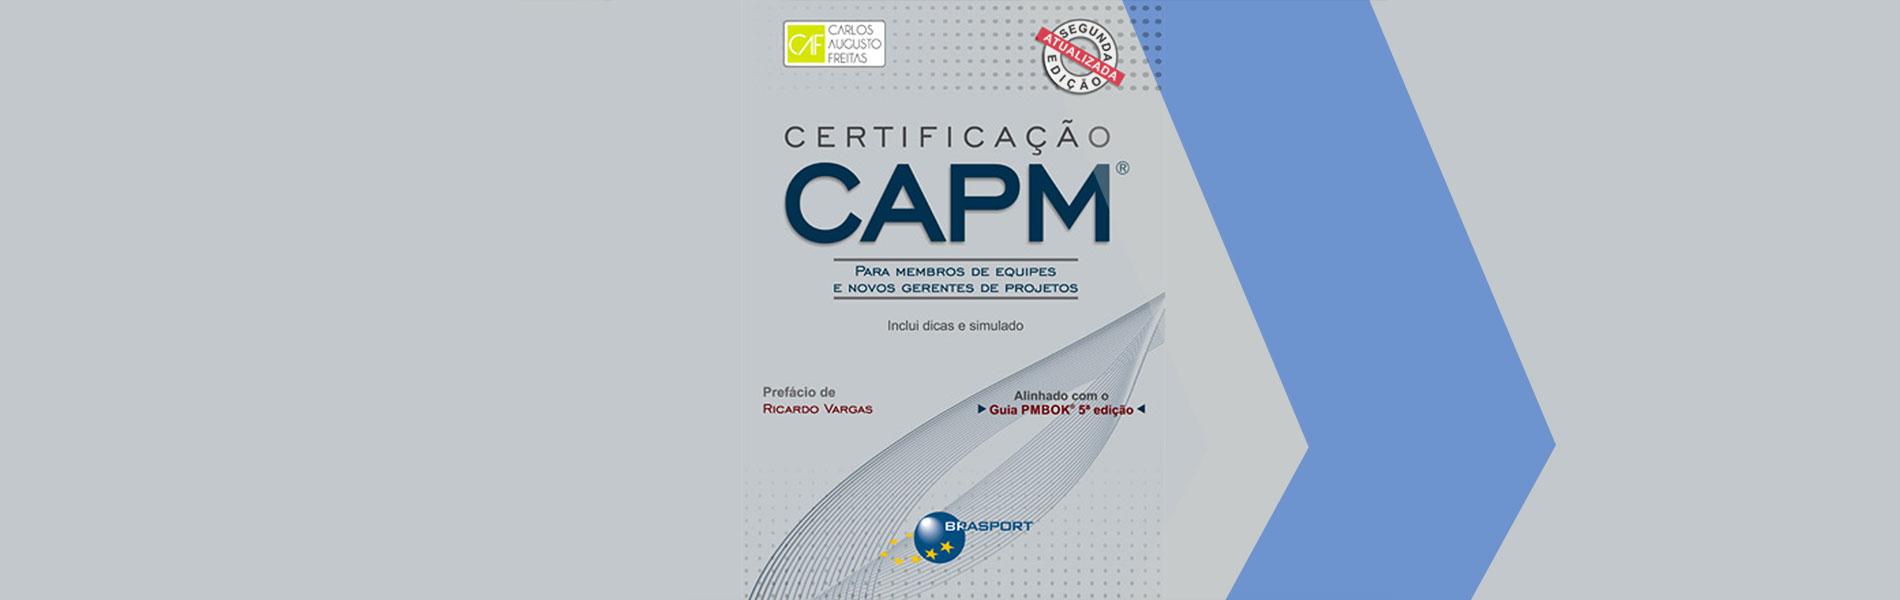 Livro de Certificação CAPM®